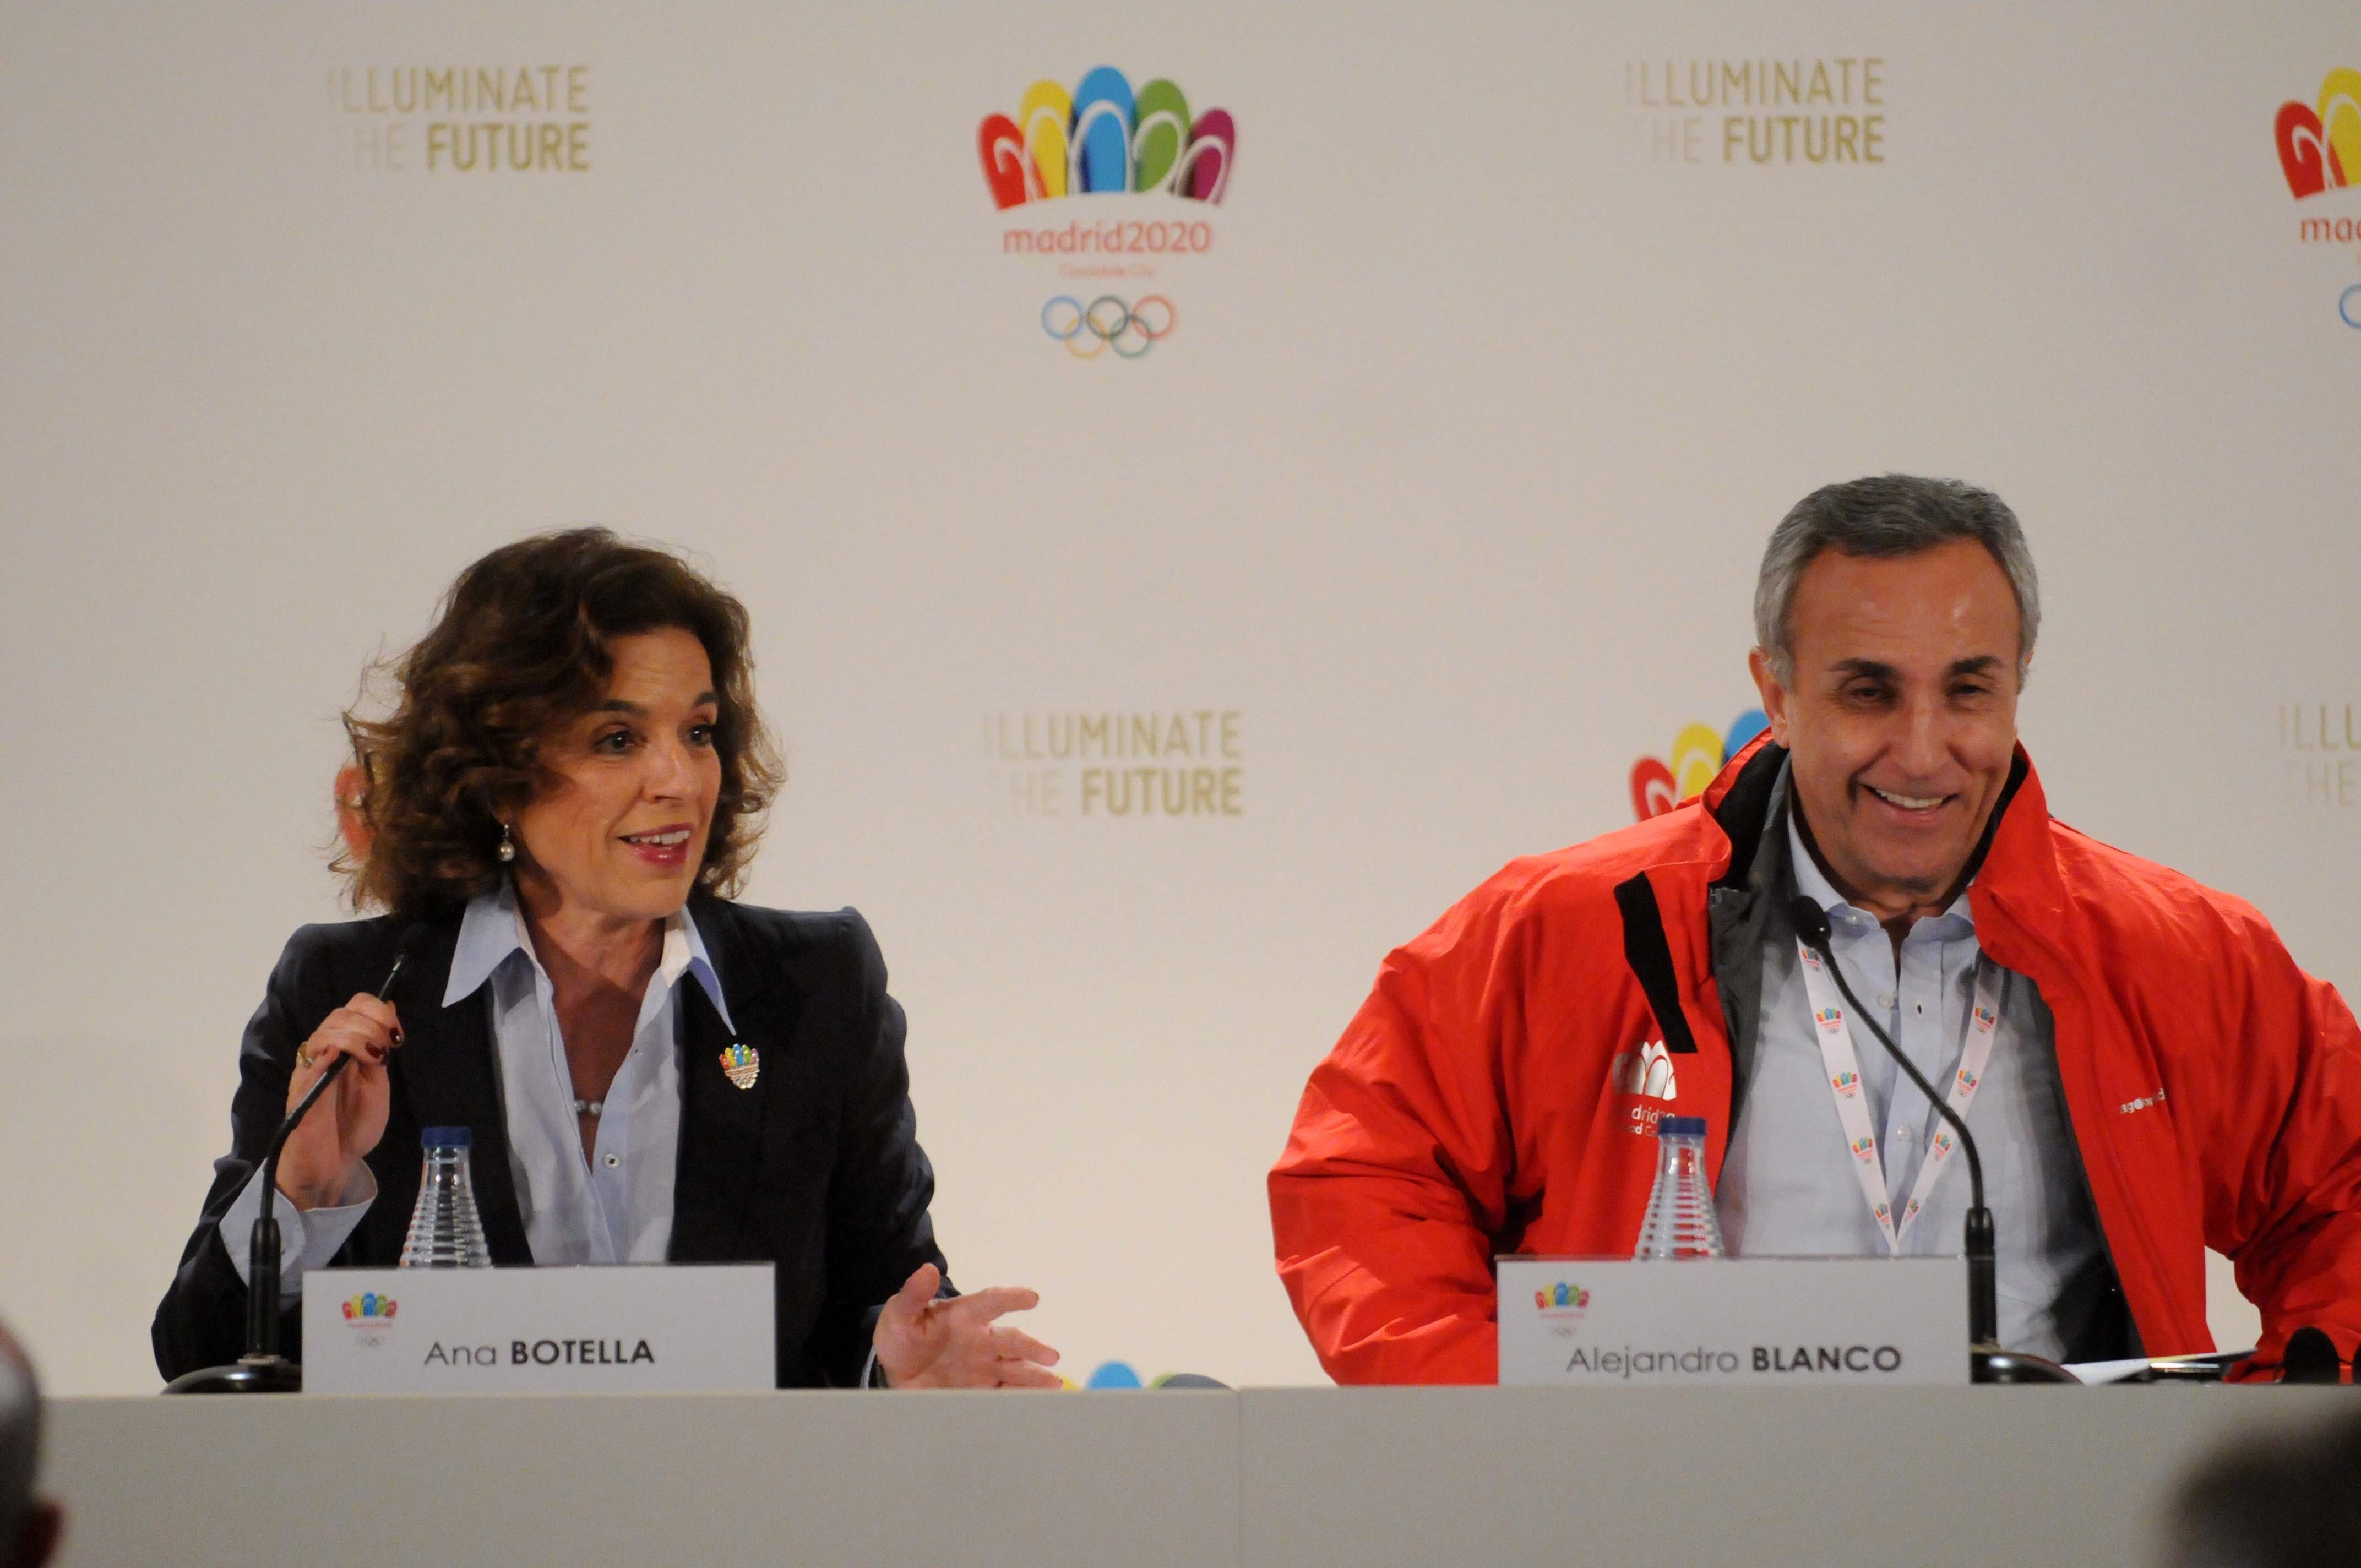 Botella y Blanco defenderán la candidatura en la SportAccord de en San Petersburgo, que se celebra del 28 al 31